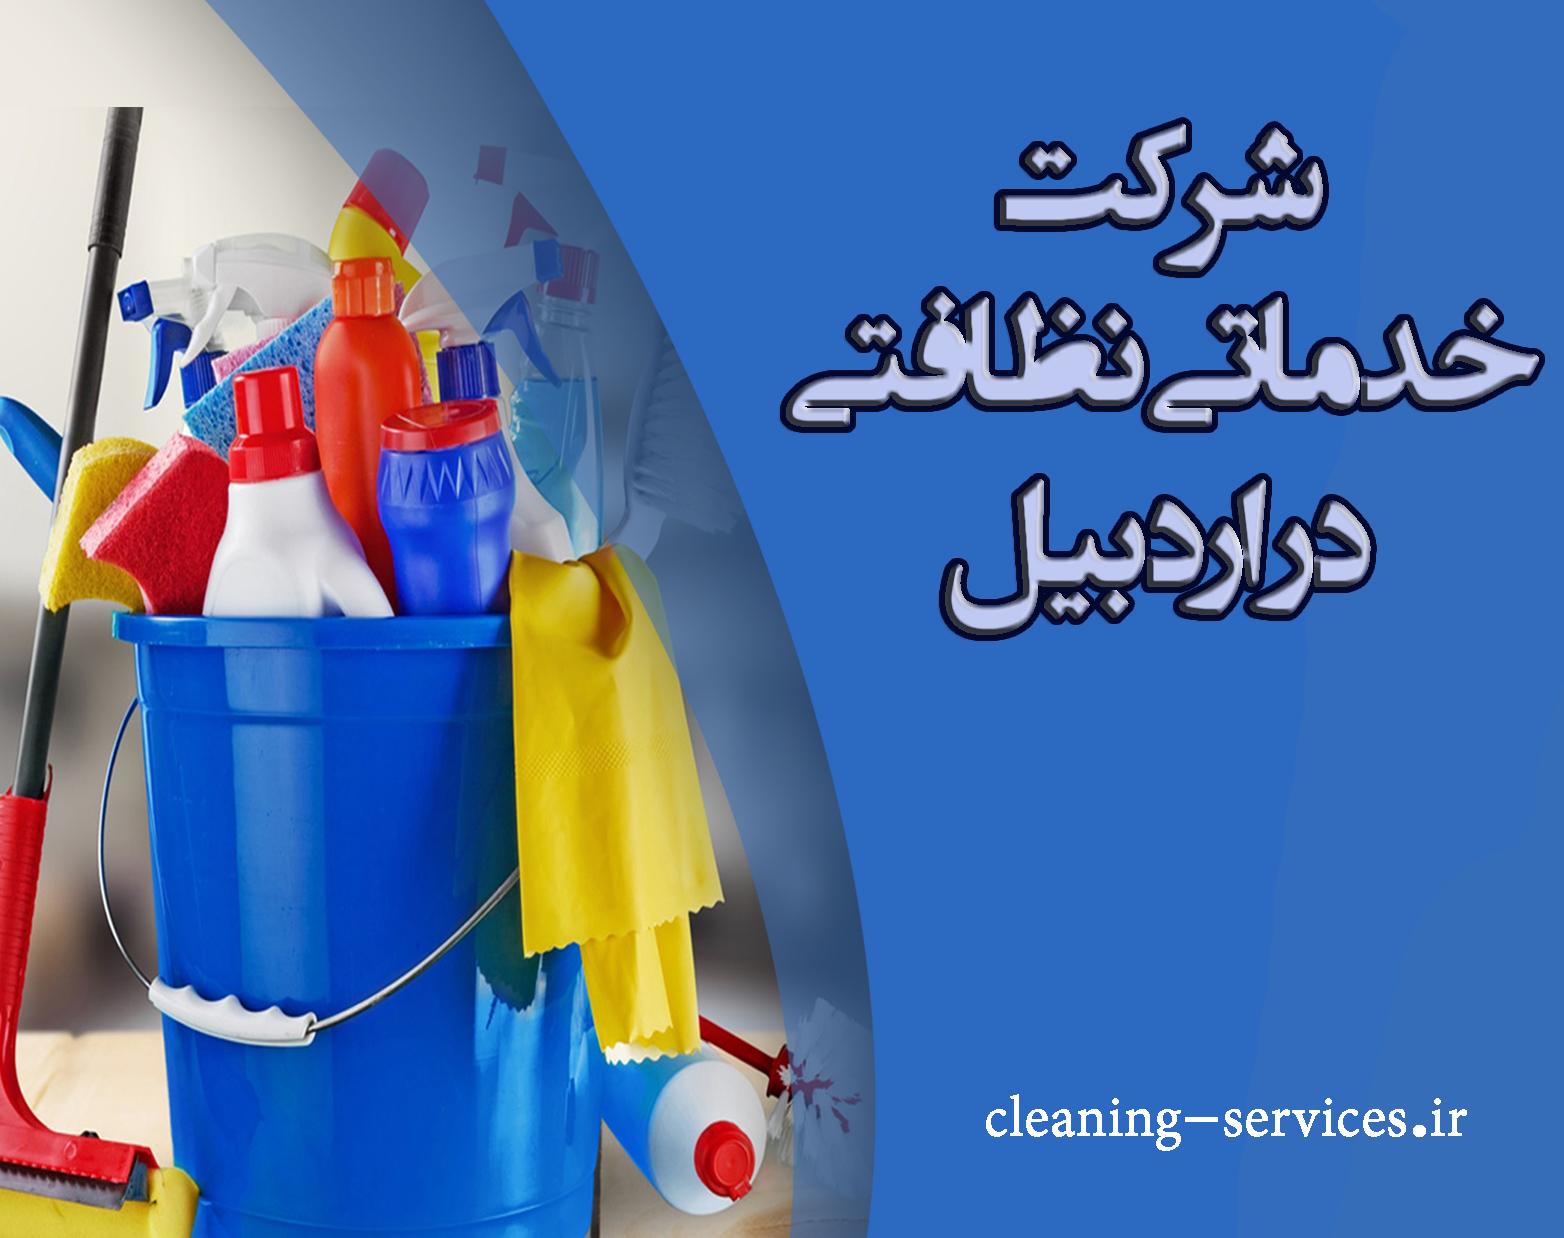 شرکت نظافتی در اردبیل .